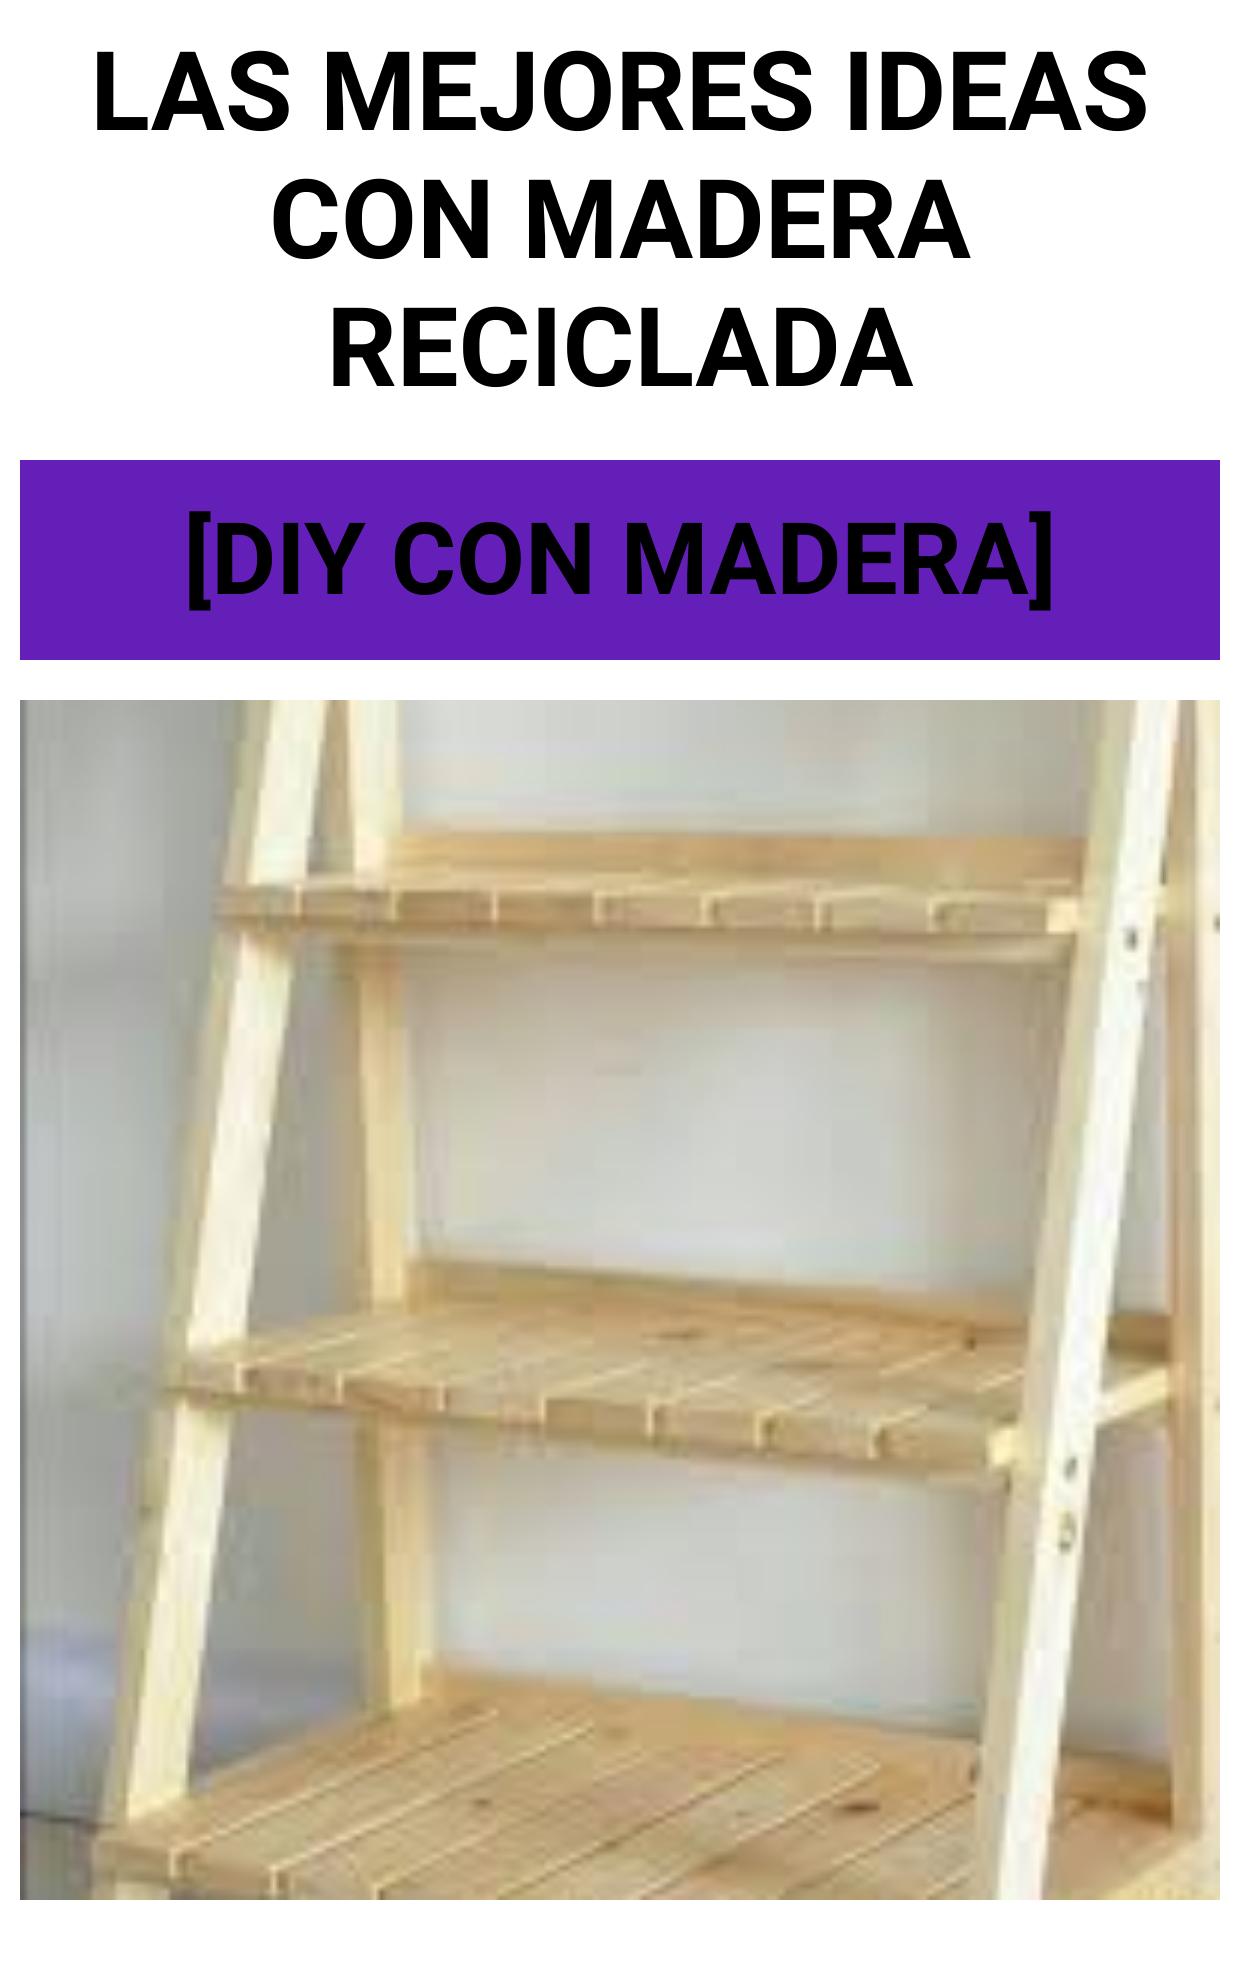 Las MEJORES ideas con madera reciclada